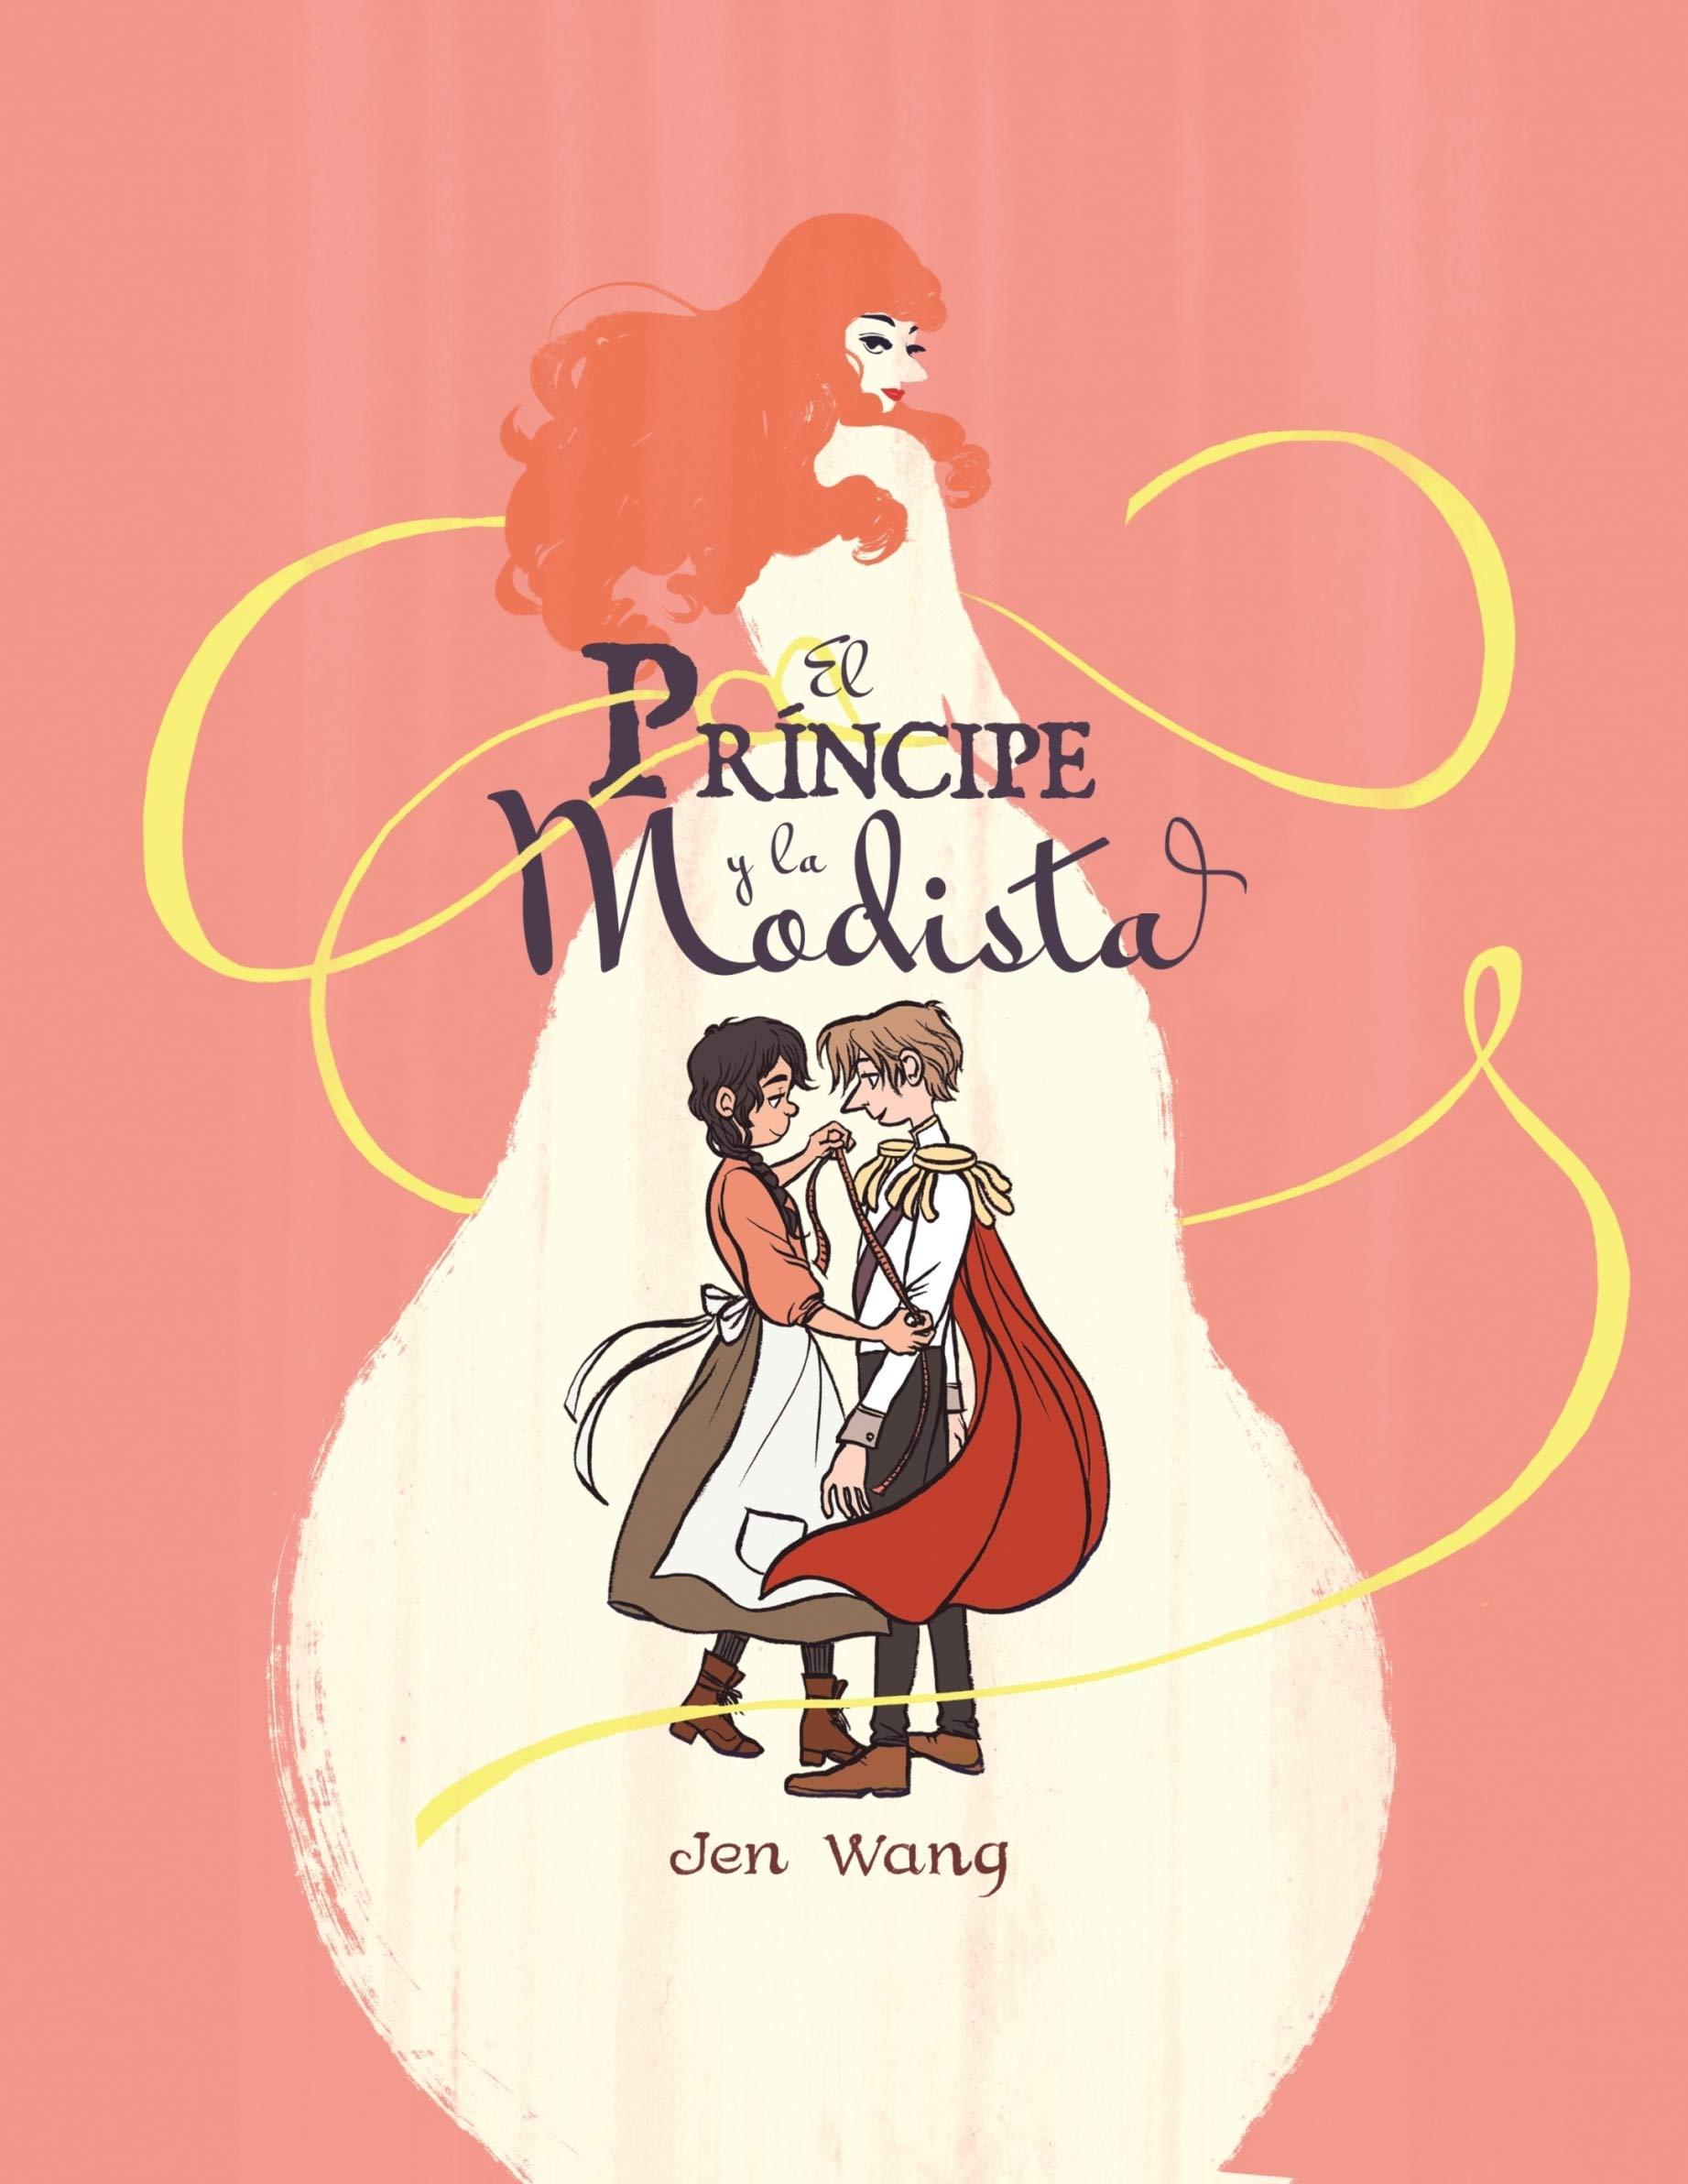 El príncipe y la modista (Cómic / Nov. Gráfica): Amazon.es: Wang, Jen,  Osuna Aguilar, Julia: Libros